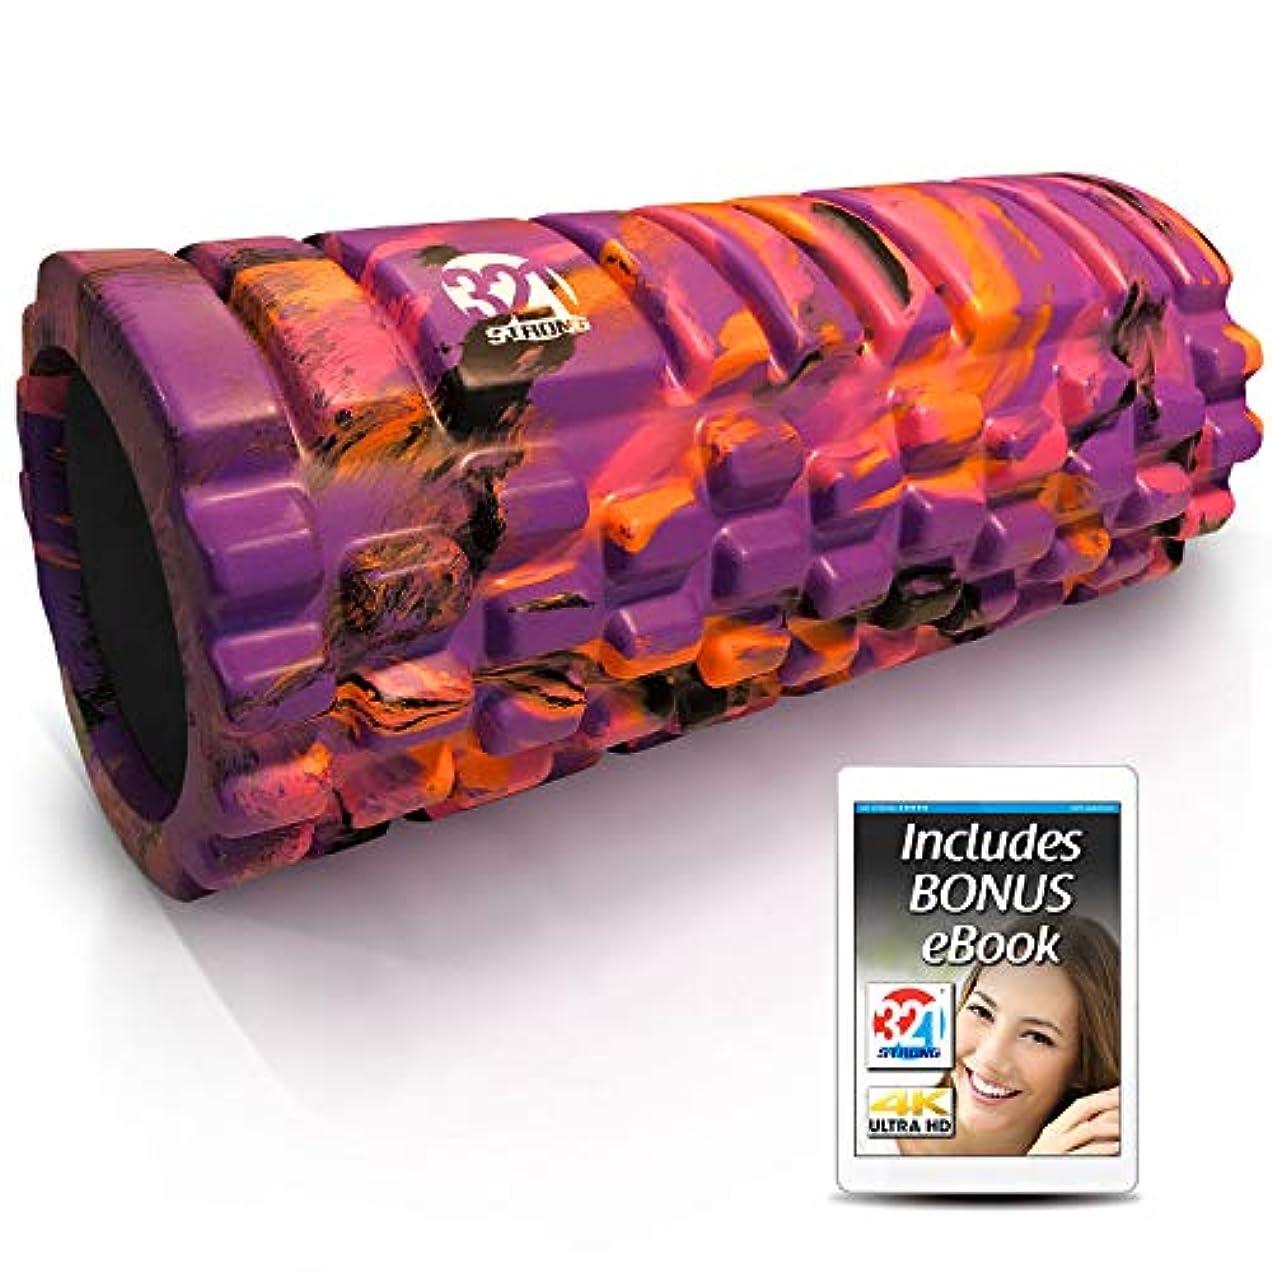 アレルギー性学習痛み321 強力フォームローラー - 中密度ディープティッシュマッサージャー 筋肉マッサージ 筋膜トリガー ポイントリリリース 4K eBook。